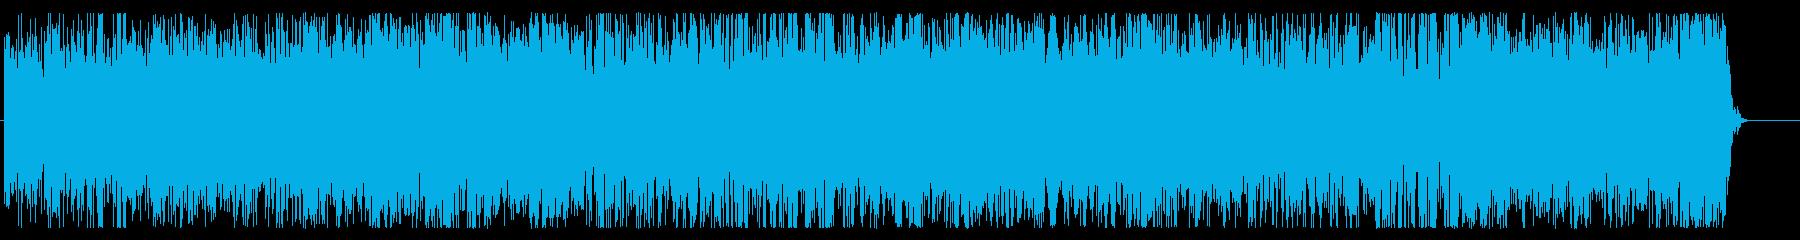 機械の故障、デジタルノイズ、トーン...の再生済みの波形